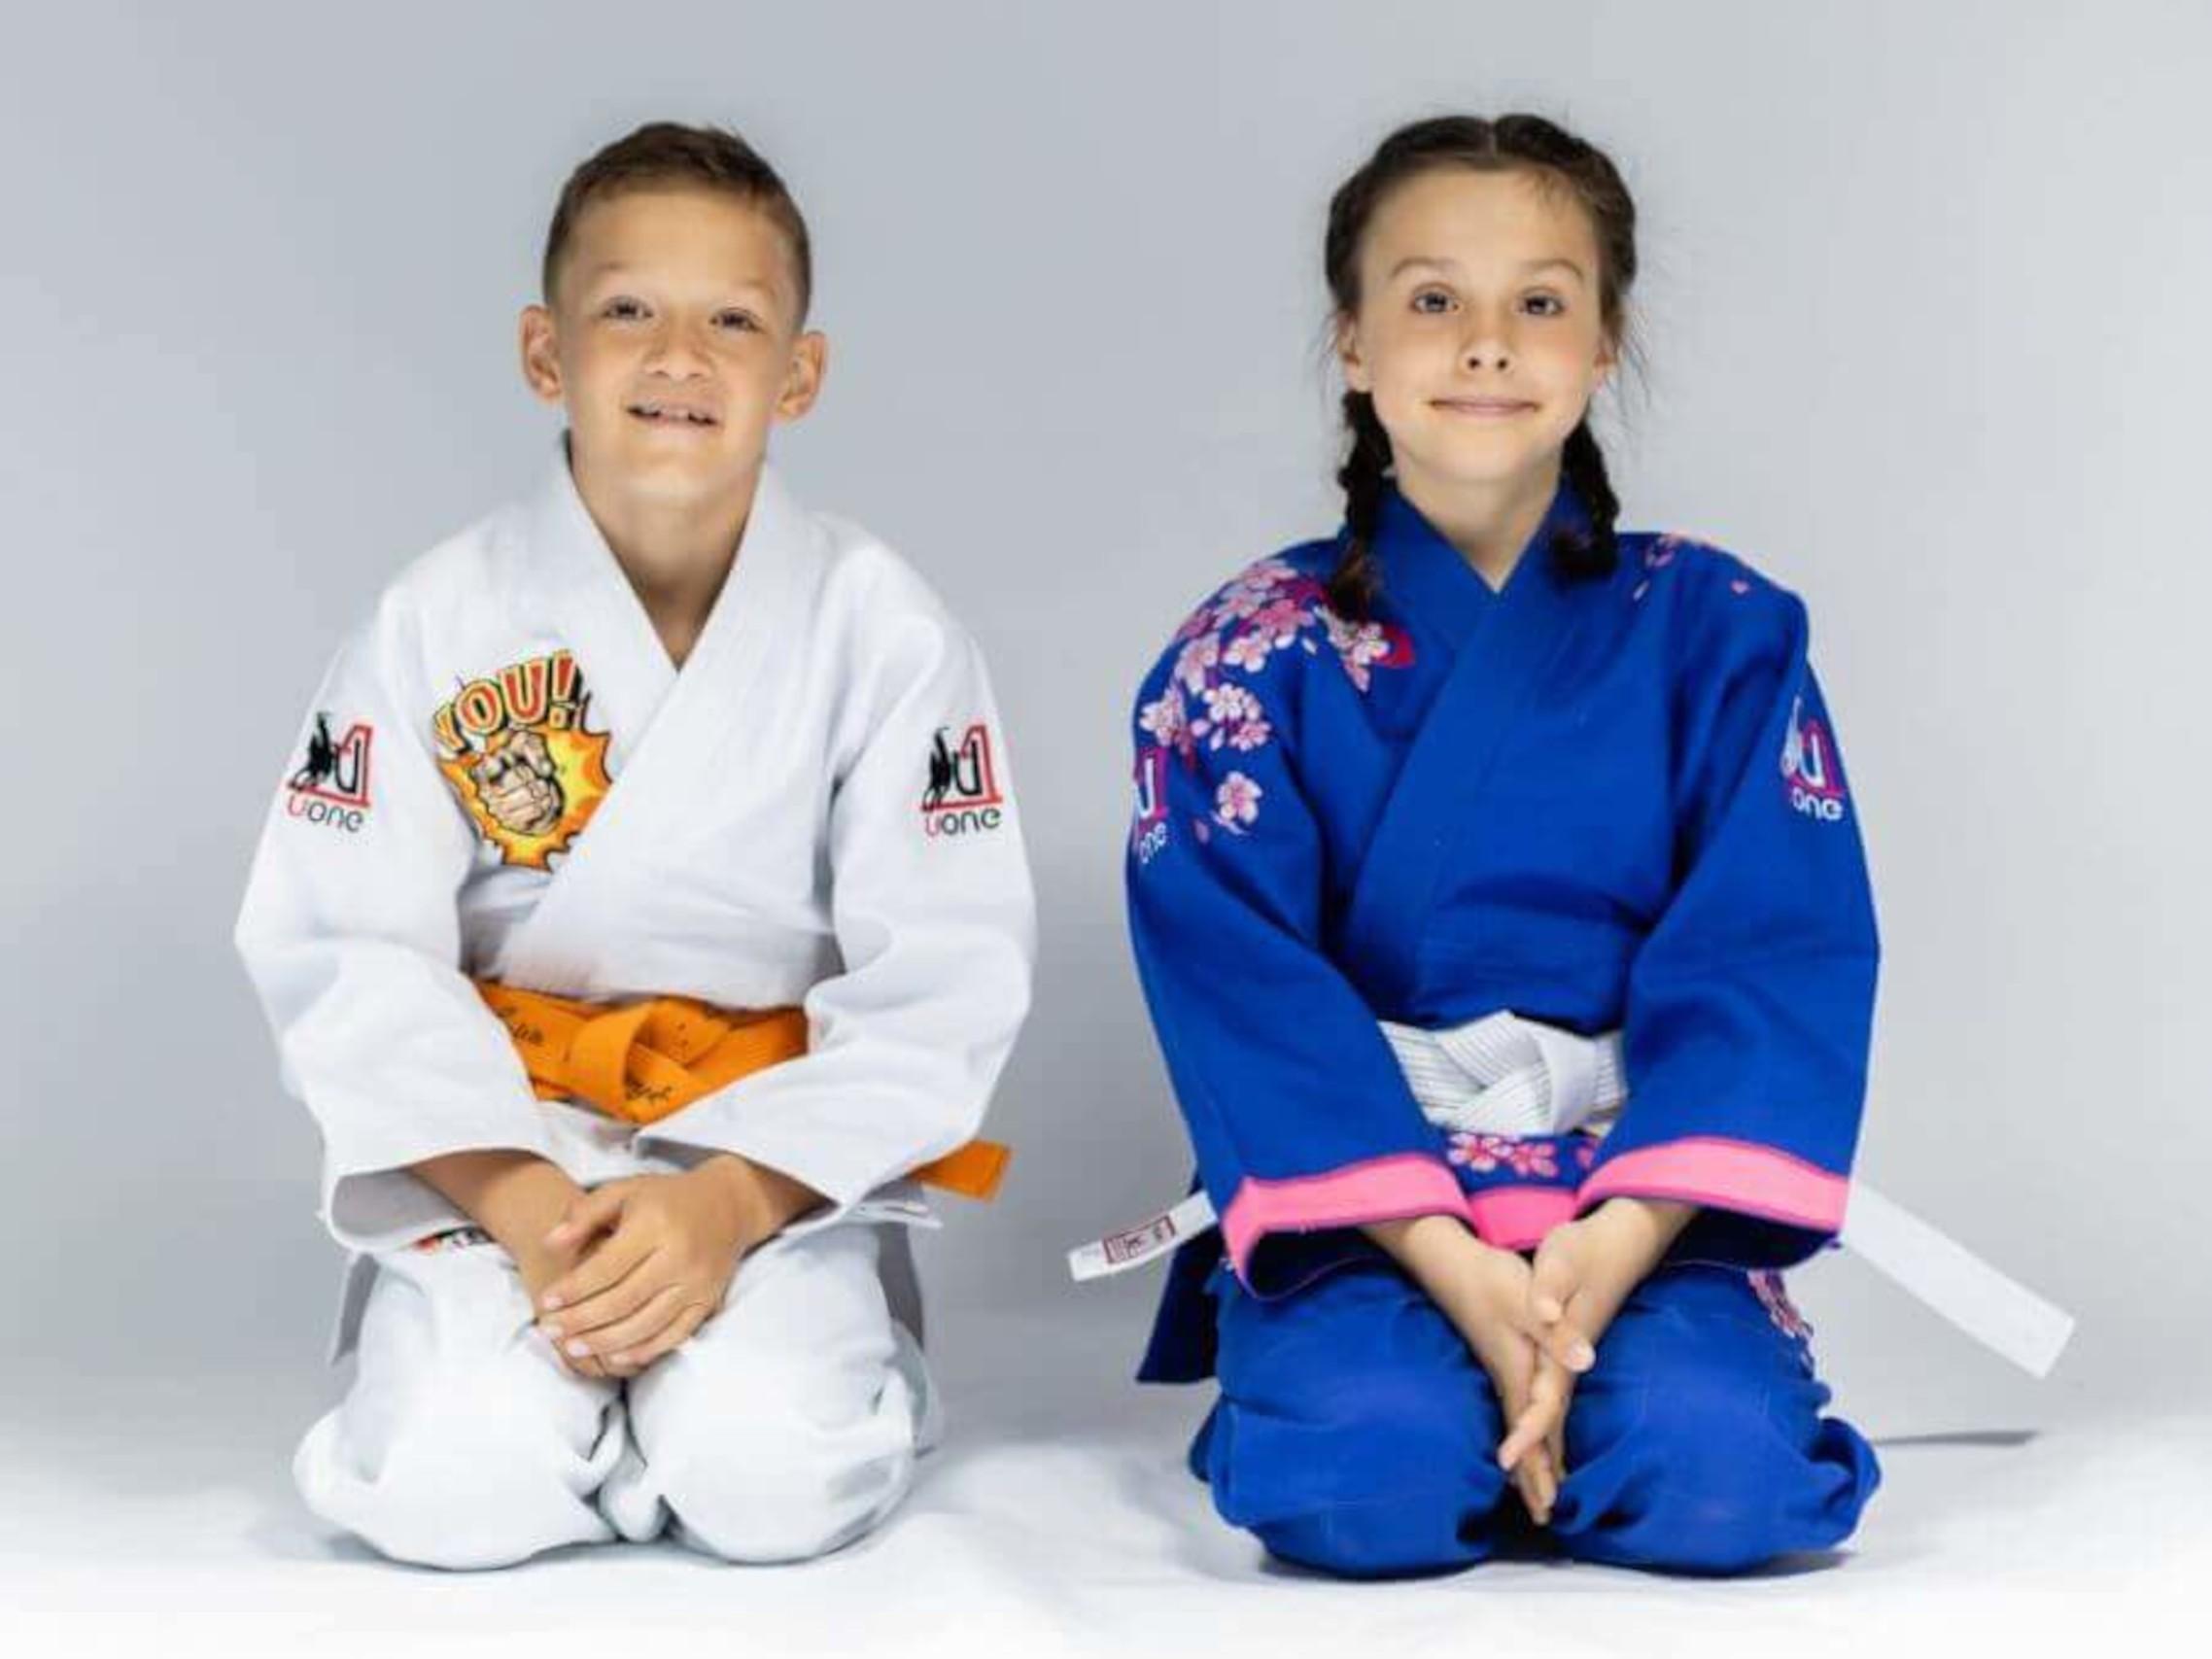 Jaki rozmiar judogi wybrać